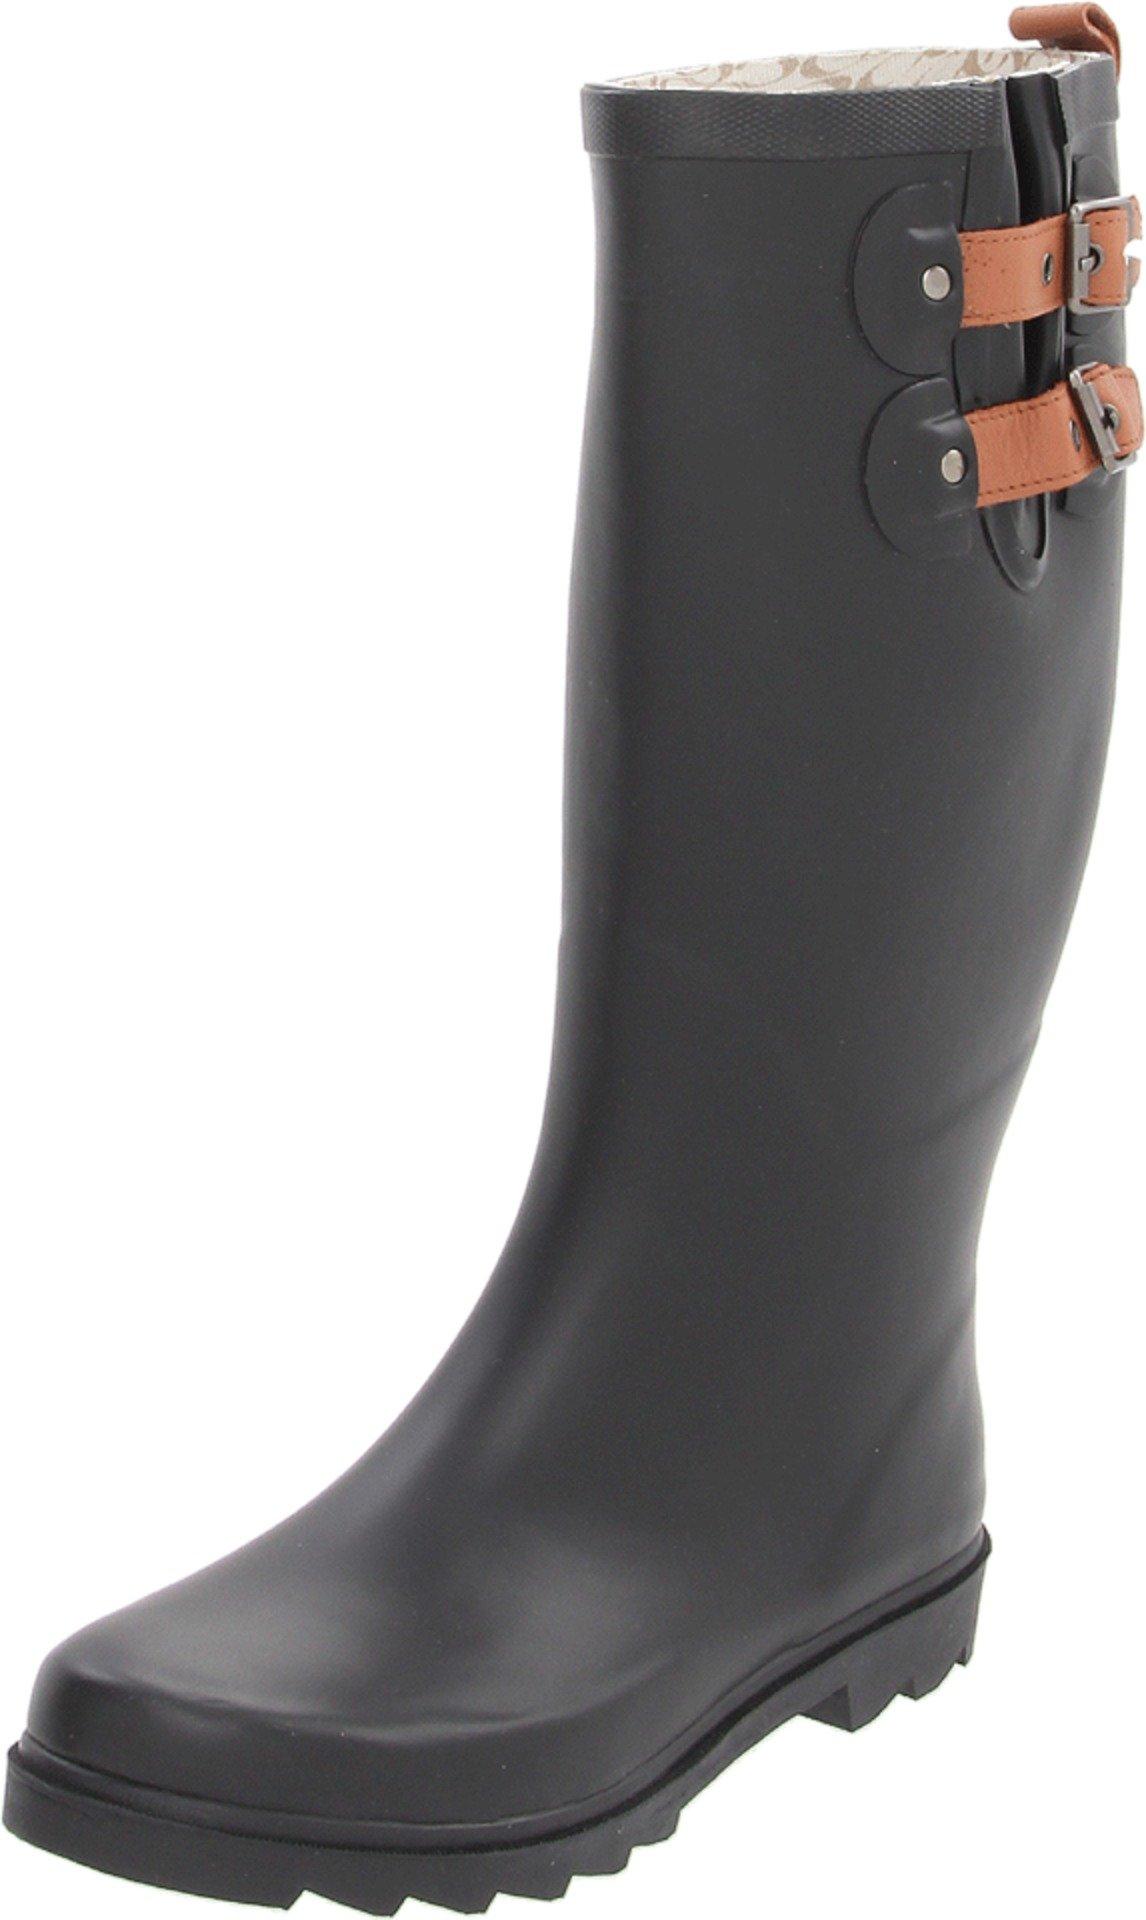 Chooka Women's Top Solid Tall Rain Boots Rain Boot, Black-Matte, 8 M US